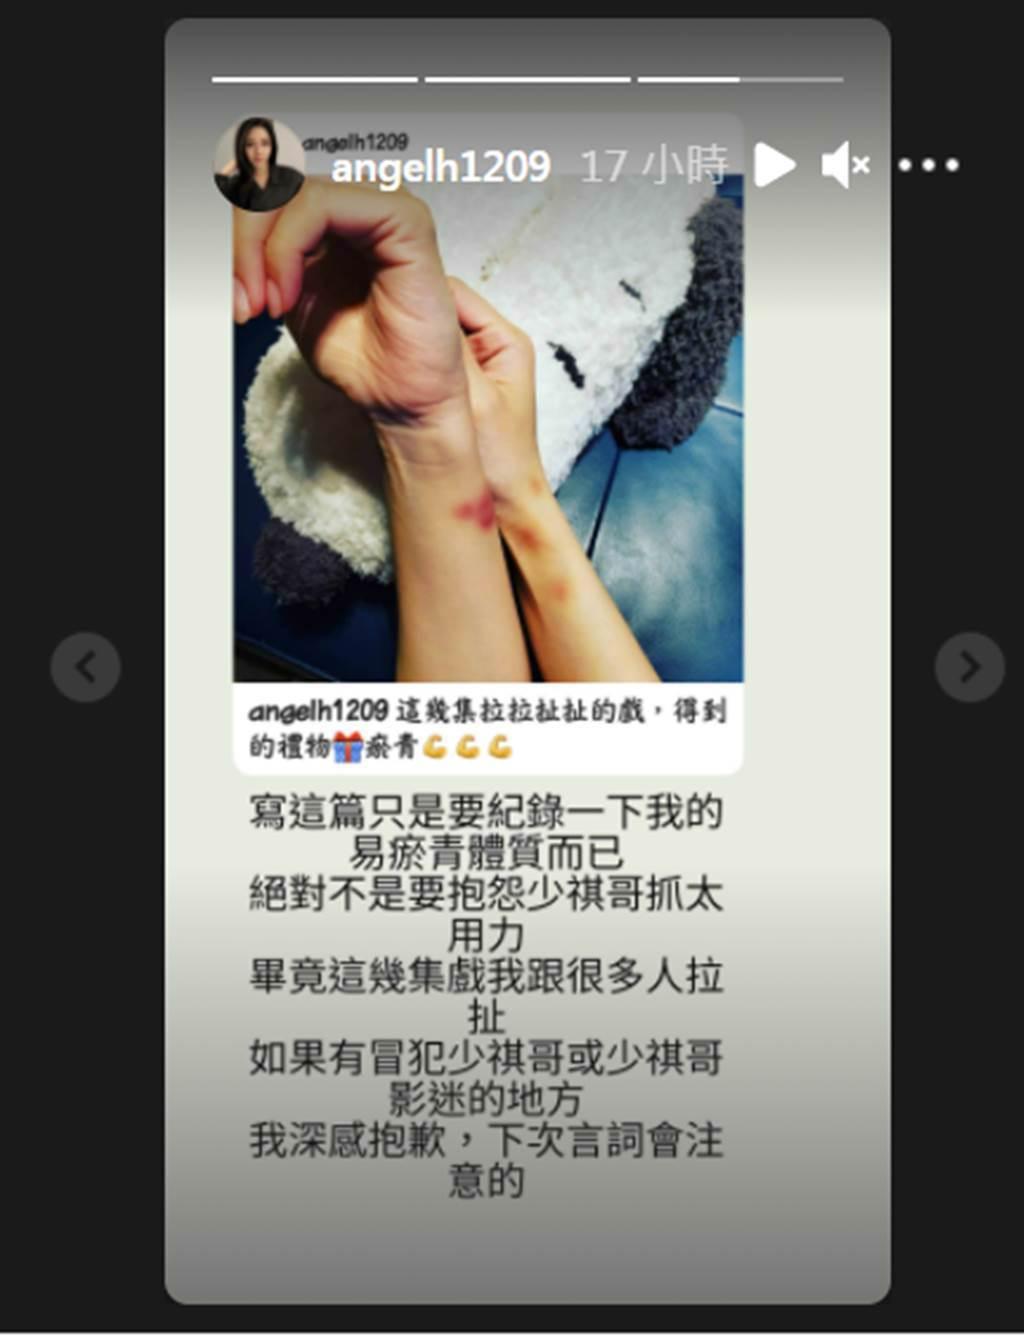 韓瑜澄清並非針對同劇演員黃少祺。(圖/angelh1209 IG)